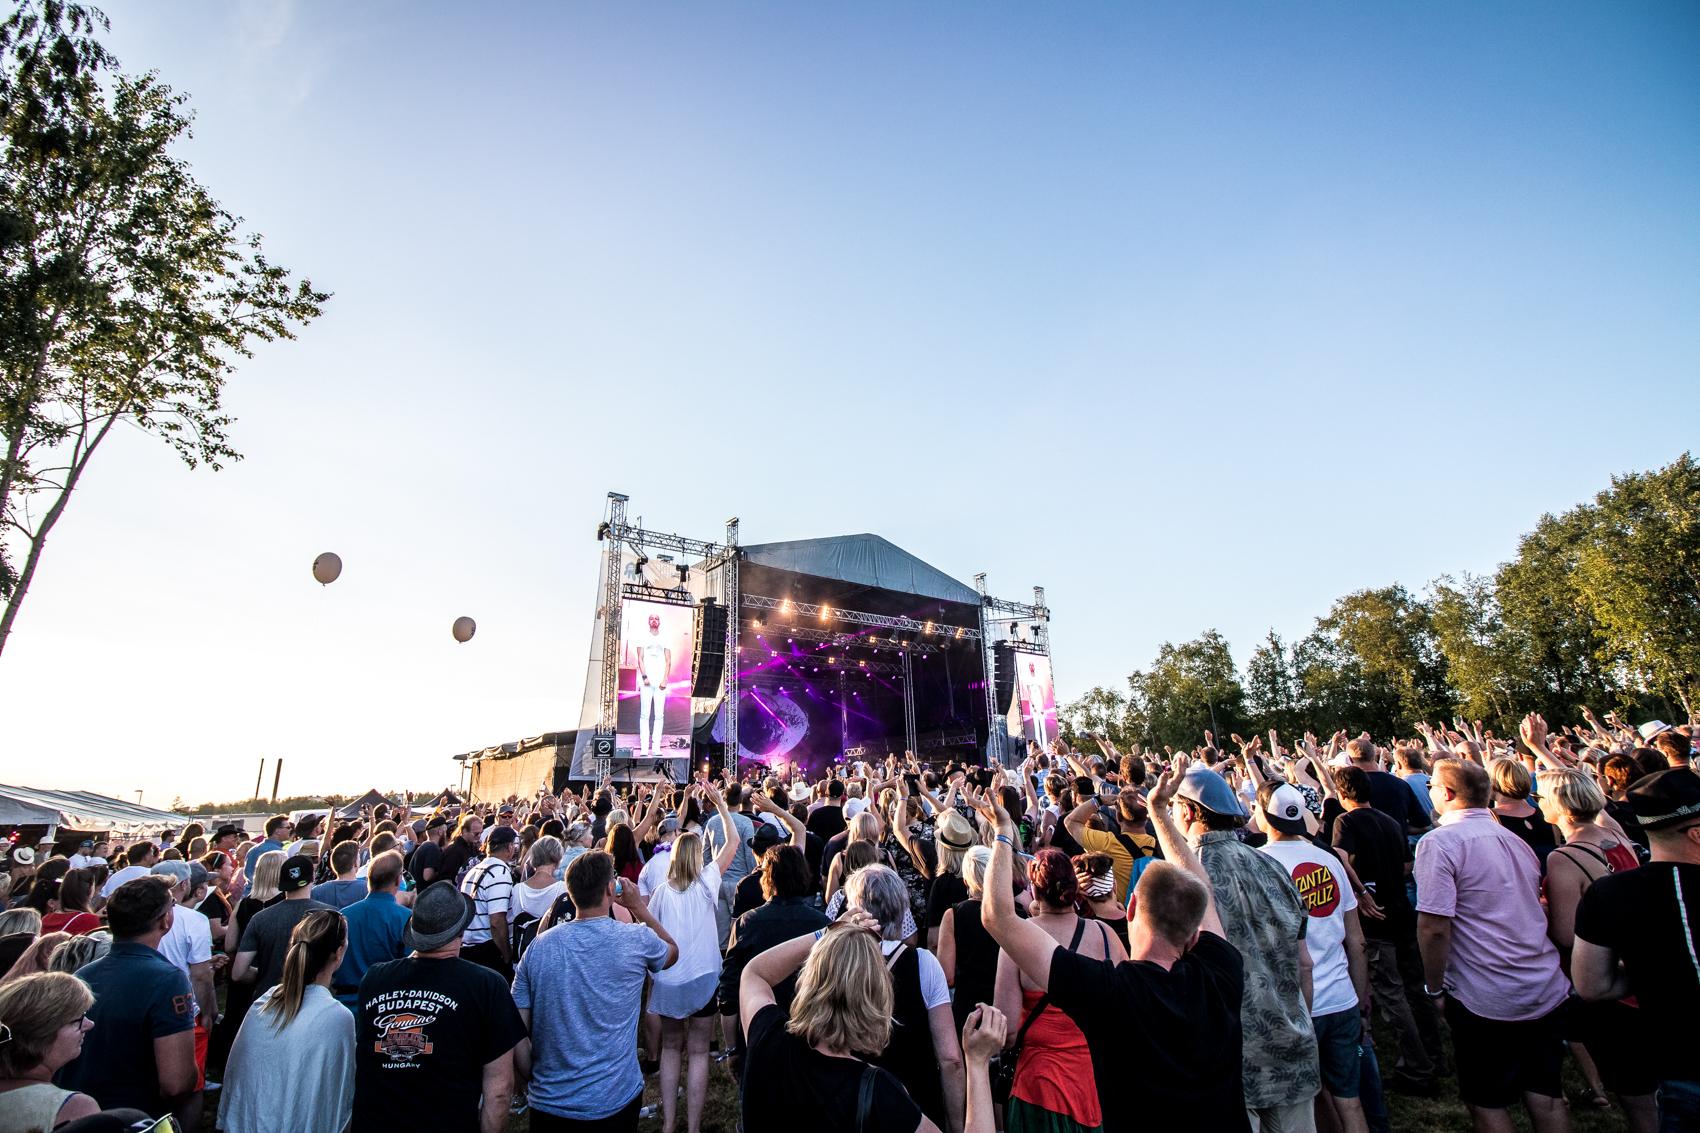 Suomipop Festivaali Pohjois-Pohjanmaan komein aikuistenfestivaali